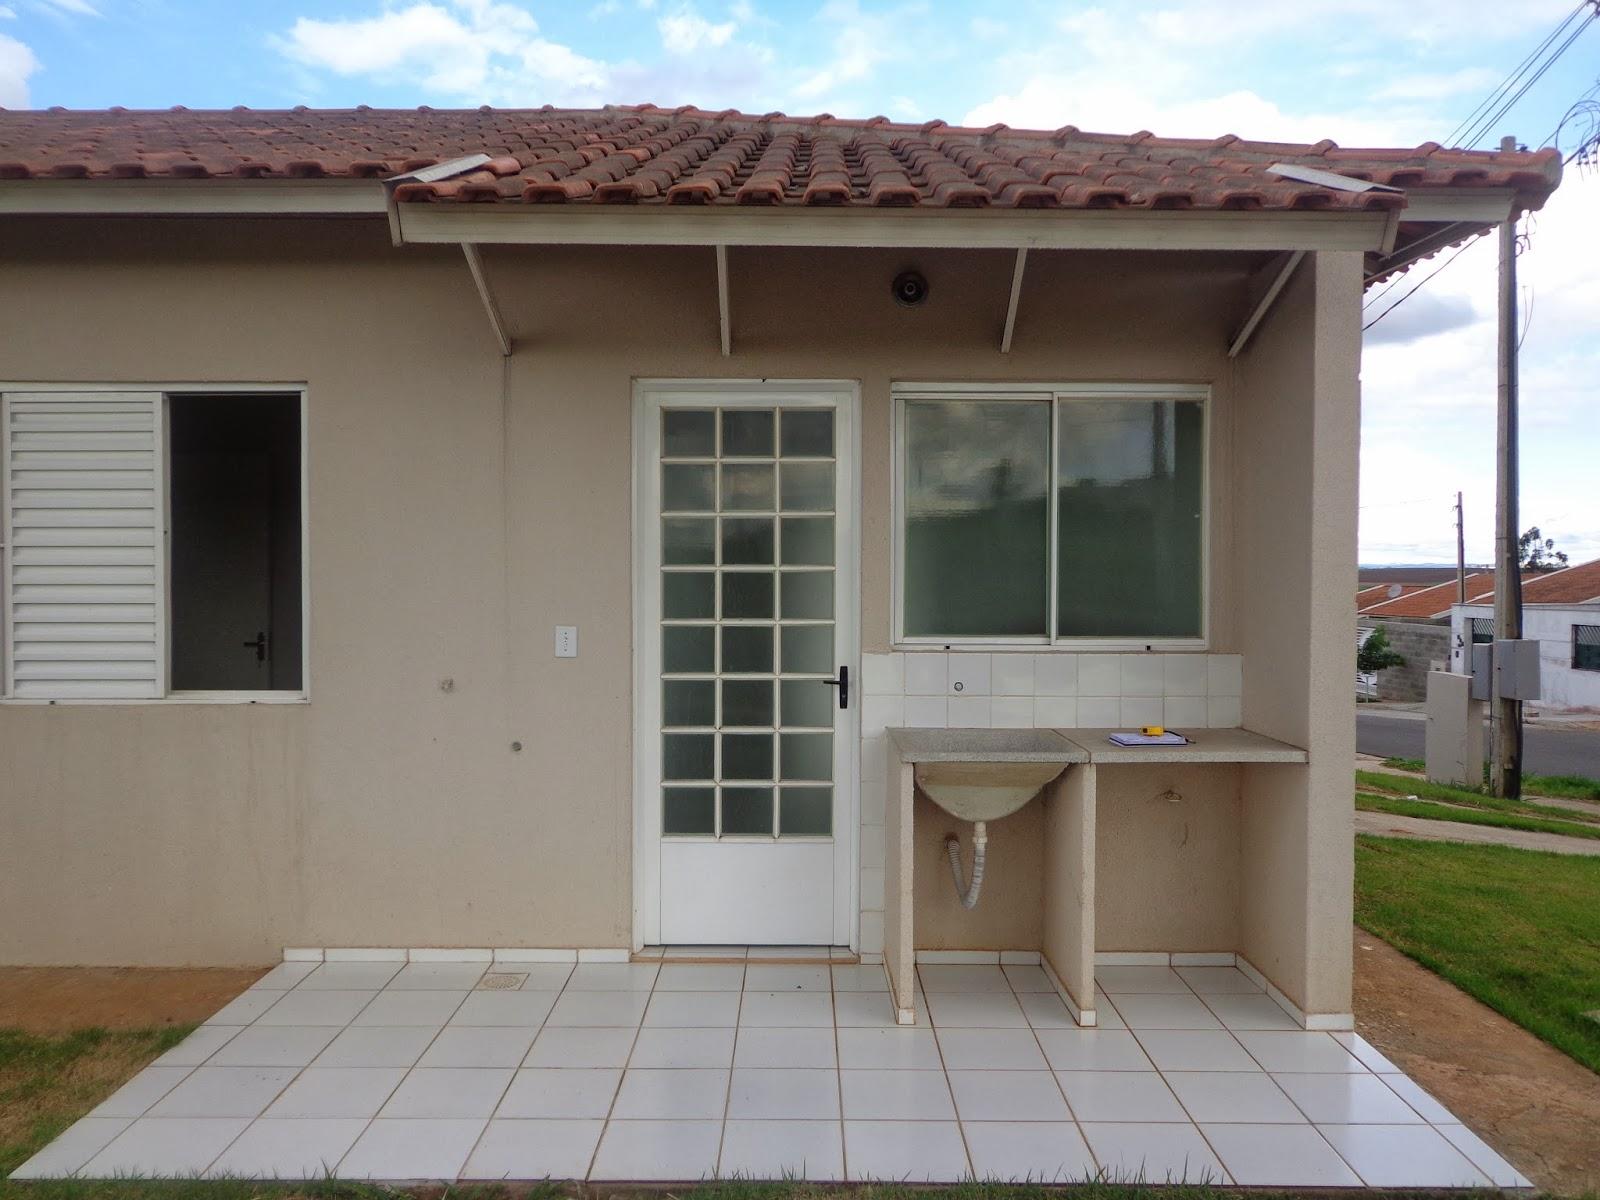 #116EBA  do quintal aumentando a cozinha com uma lavanderia fechada ao lado 1600x1200 px Projeto Cozinha E Lavanderia_4171 Imagens